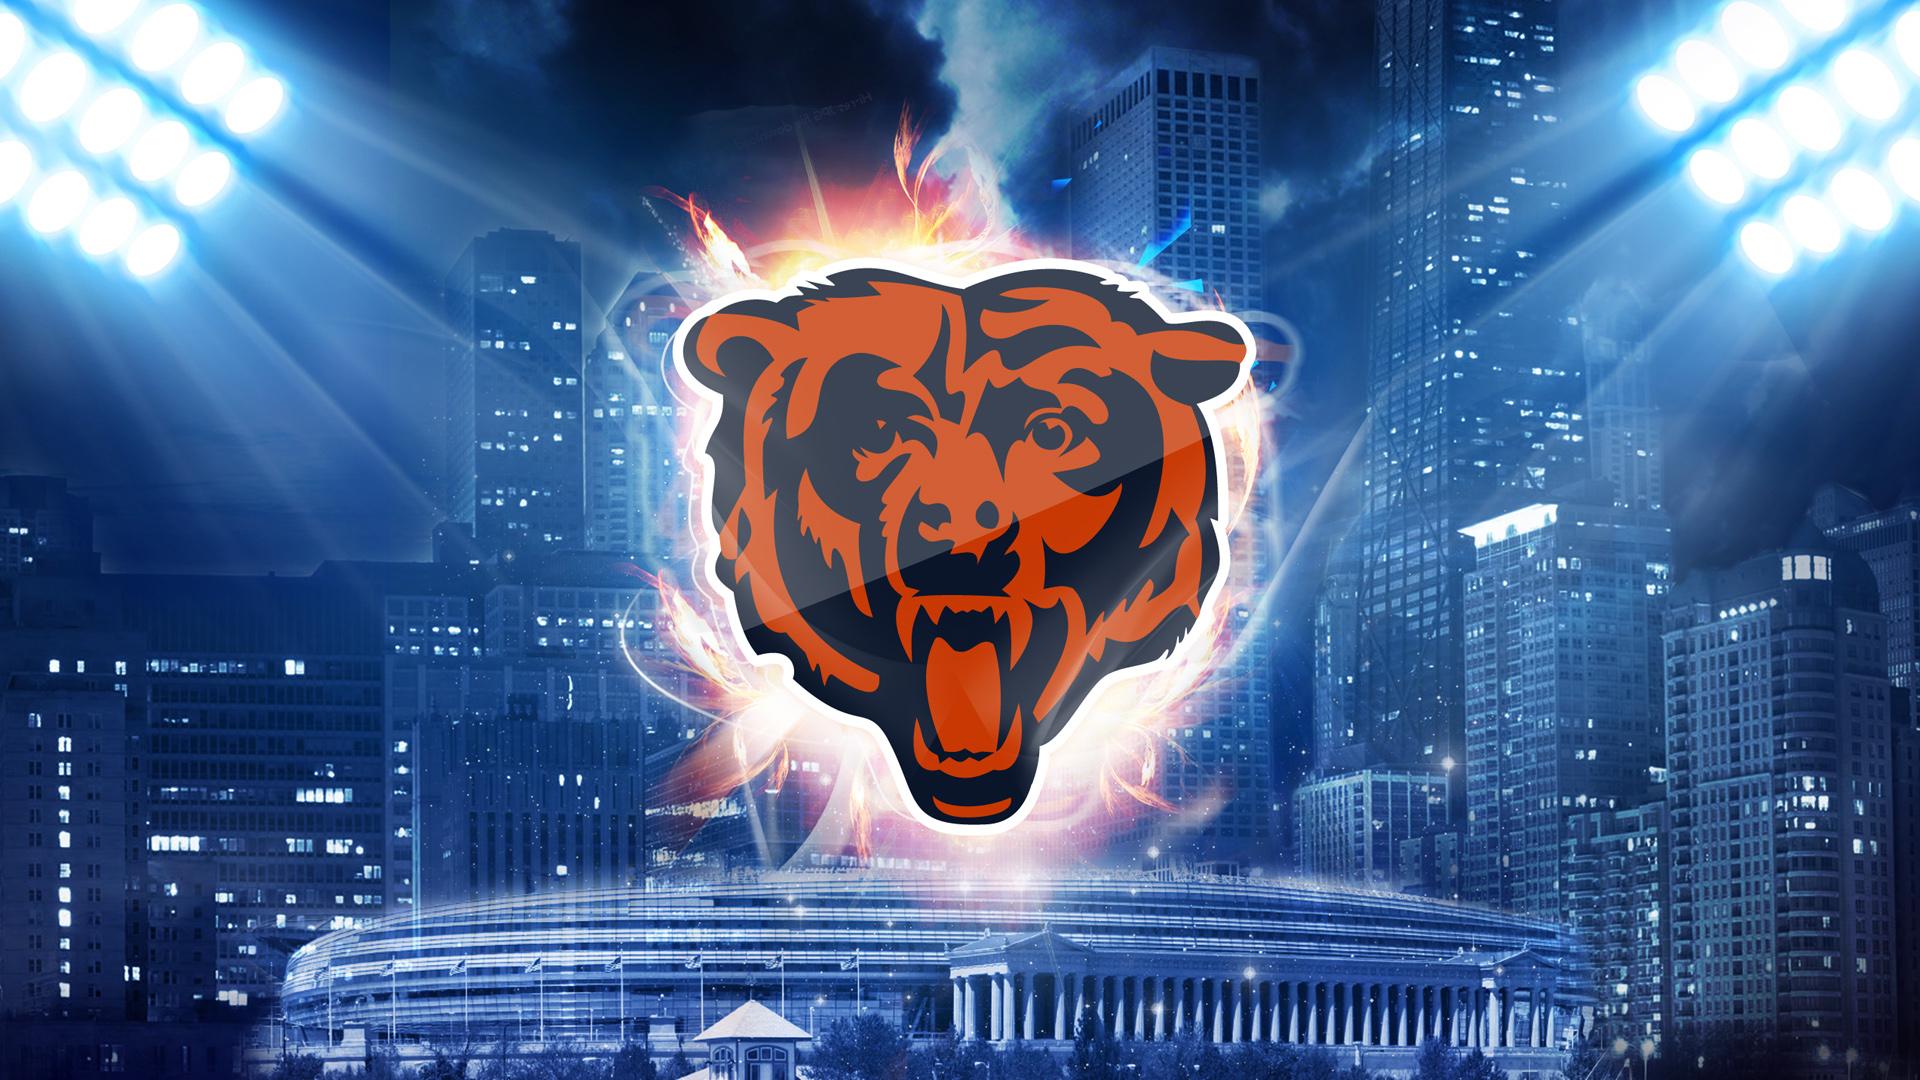 Chicago Bears Wallpaper   Dr Odd 1920x1080